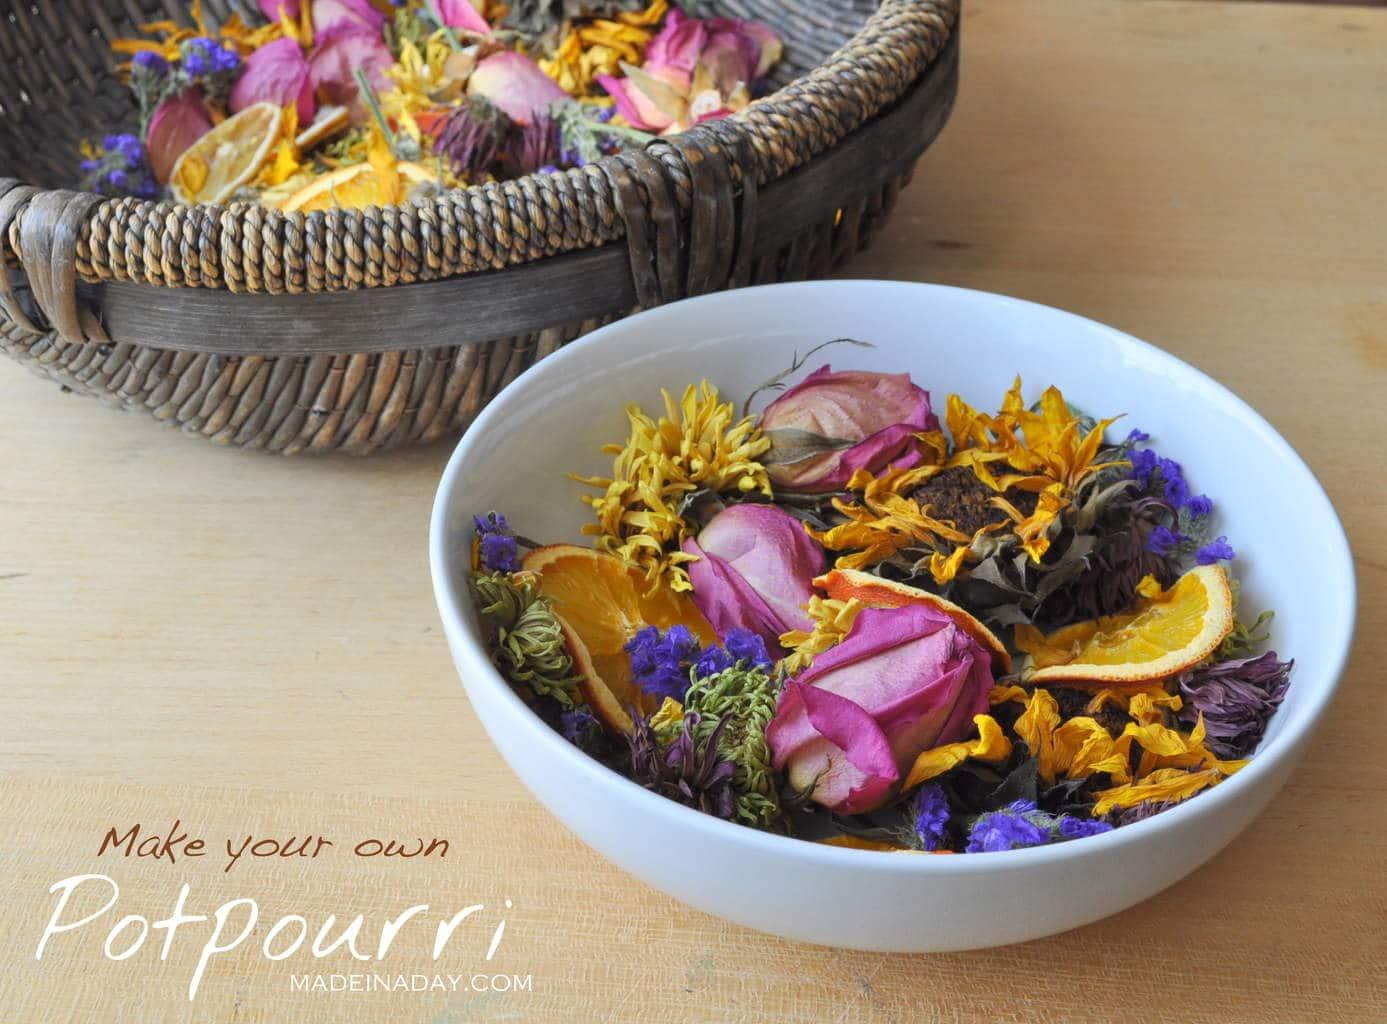 Make your own potpourri madeinaday.com